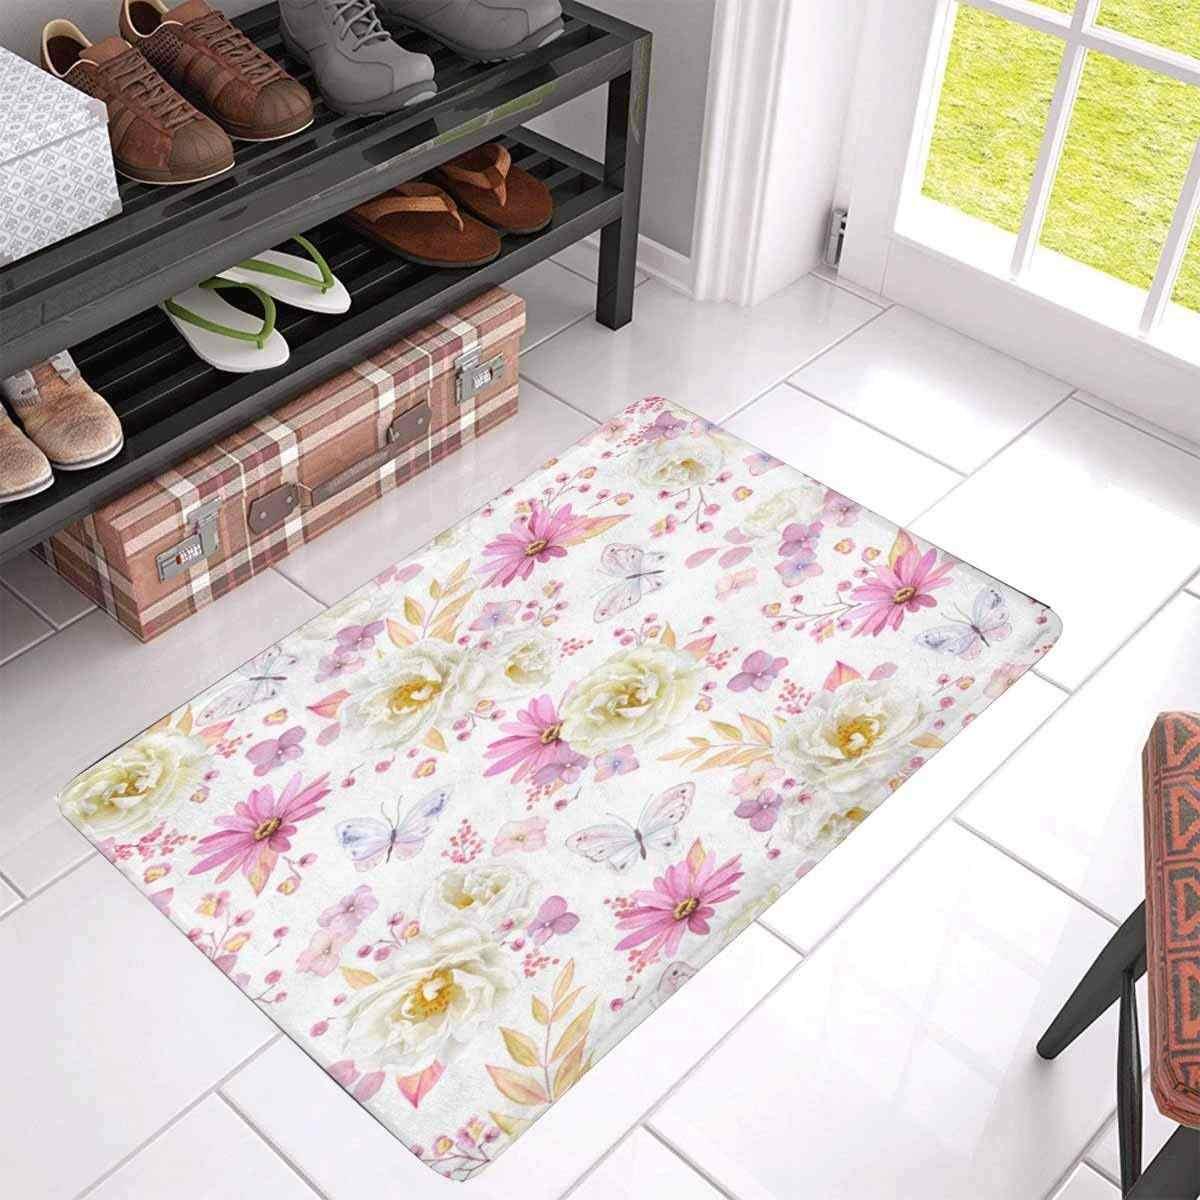 Белые розы, фиолетовый пиретрум спереди дверной коврик Добро пожаловать коврик для дома, в помещении, вход, Кухня, патио